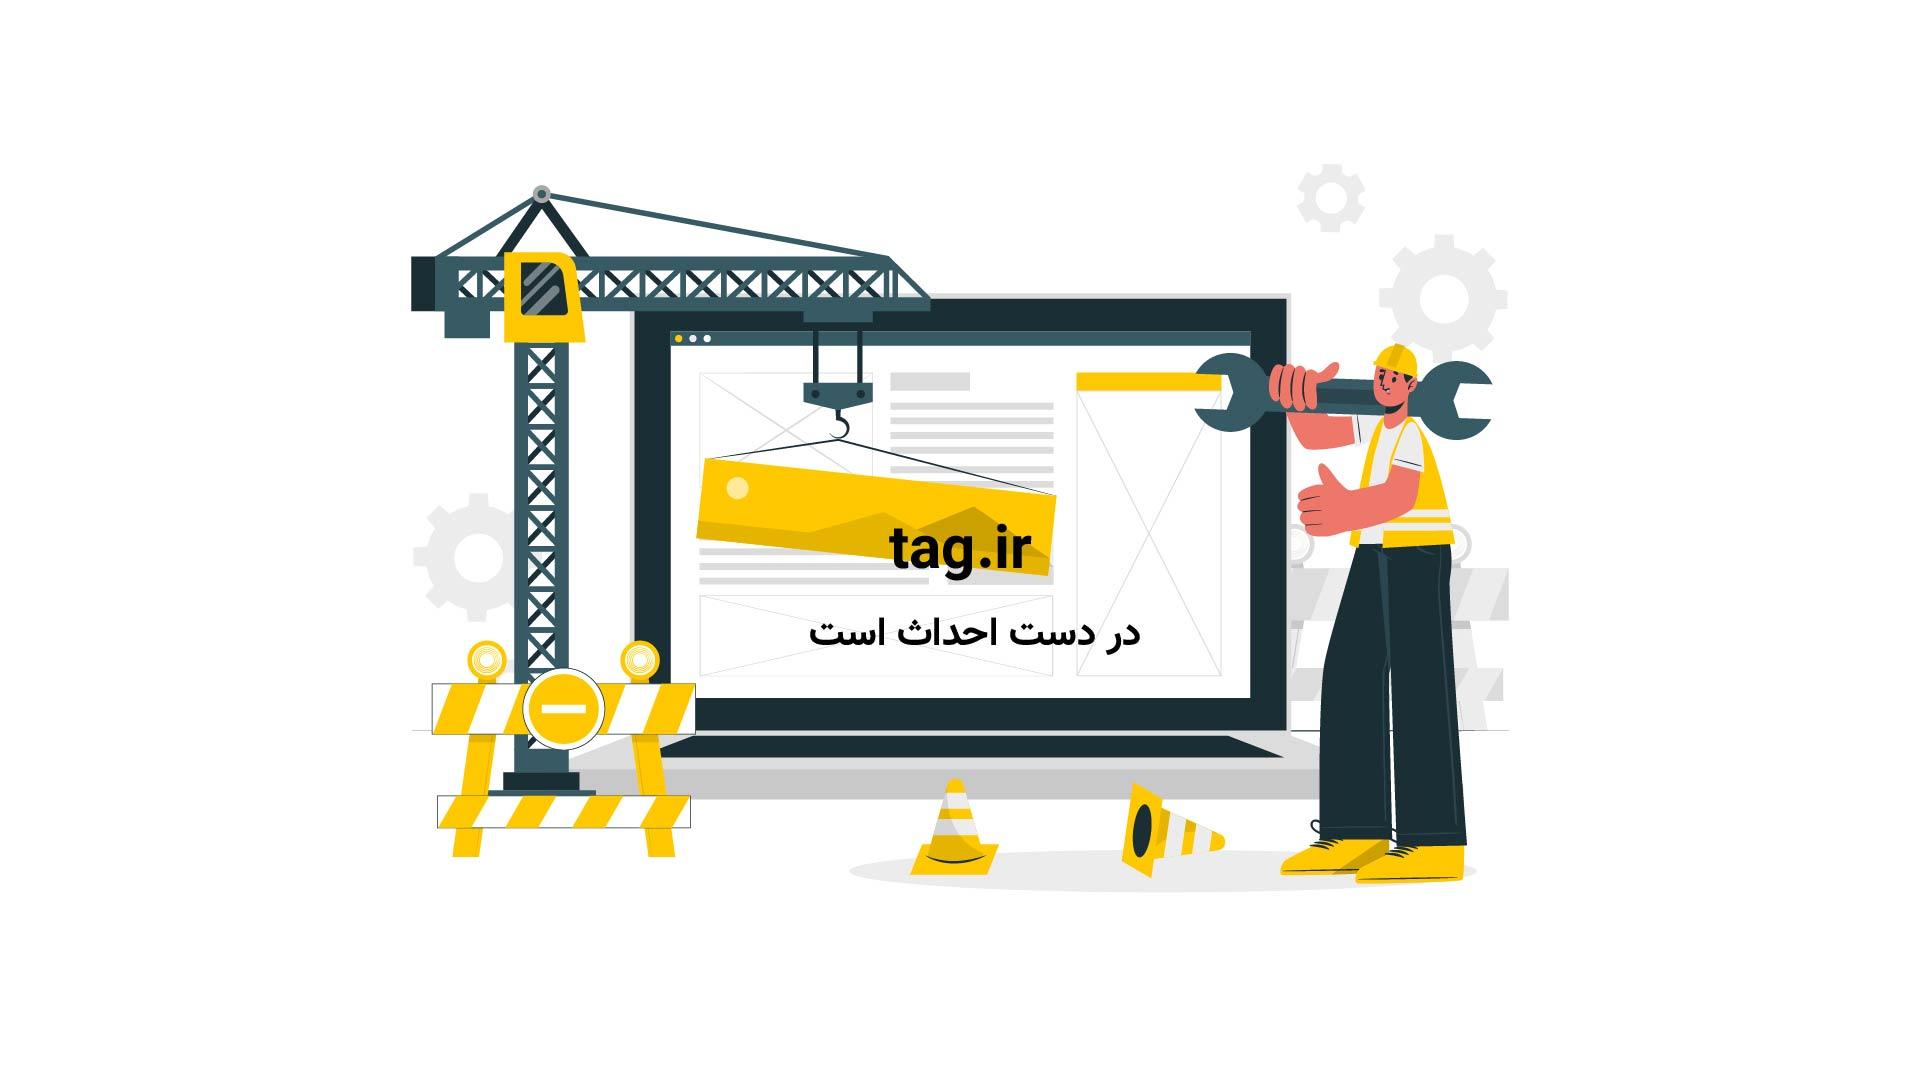 جنگل زیبای گیسوم در استان گیلان | فیلم